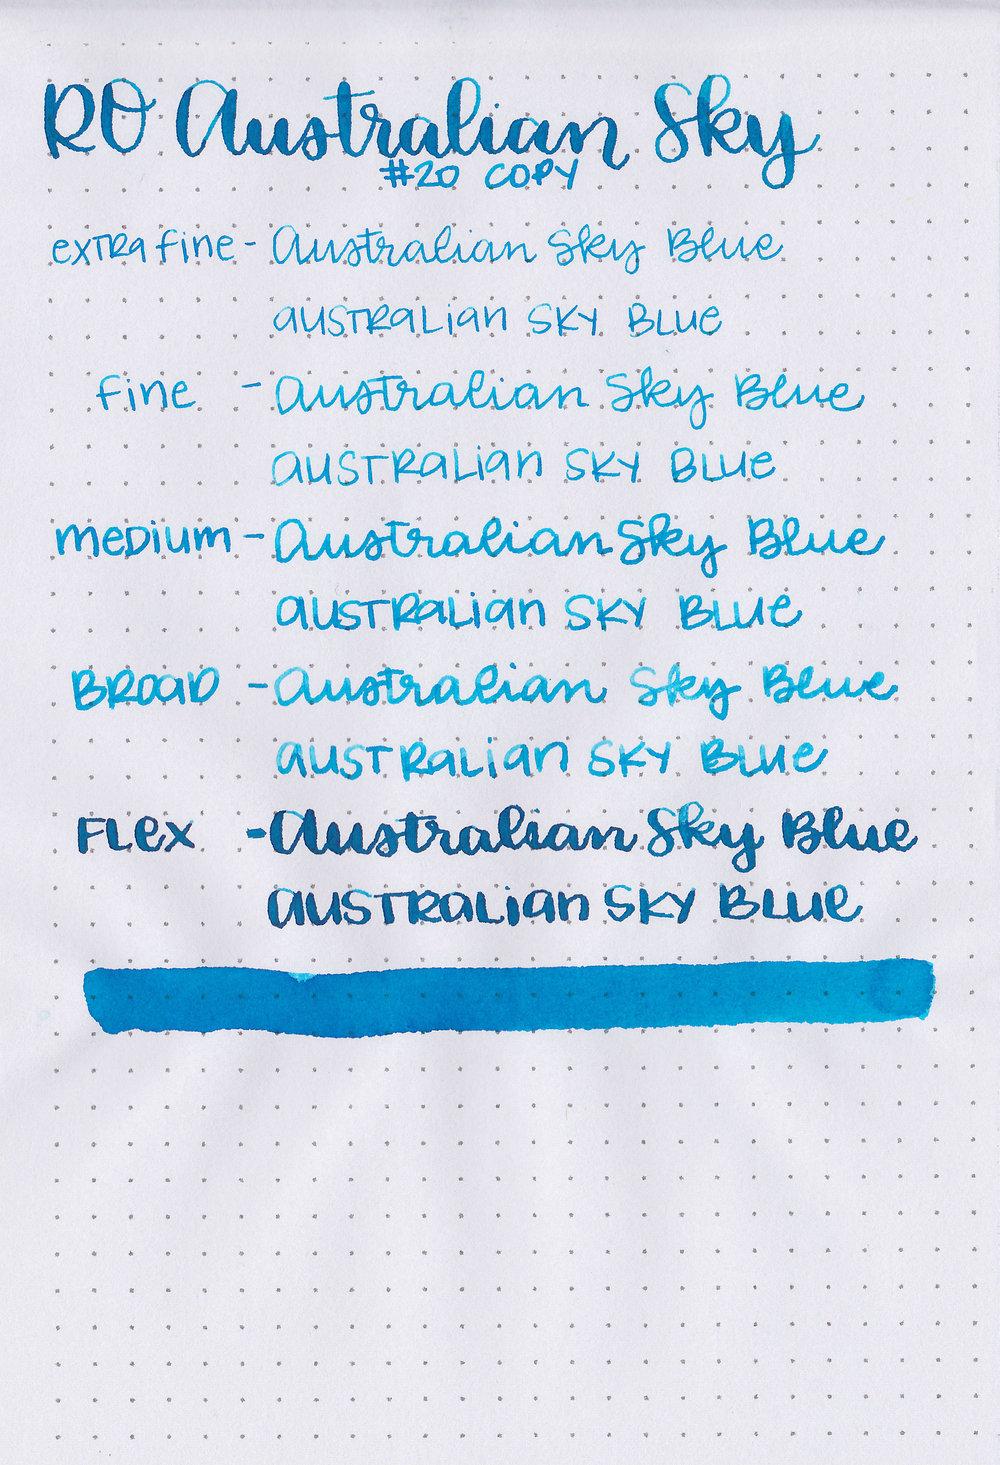 ro-australian-sky-blue-23.jpg